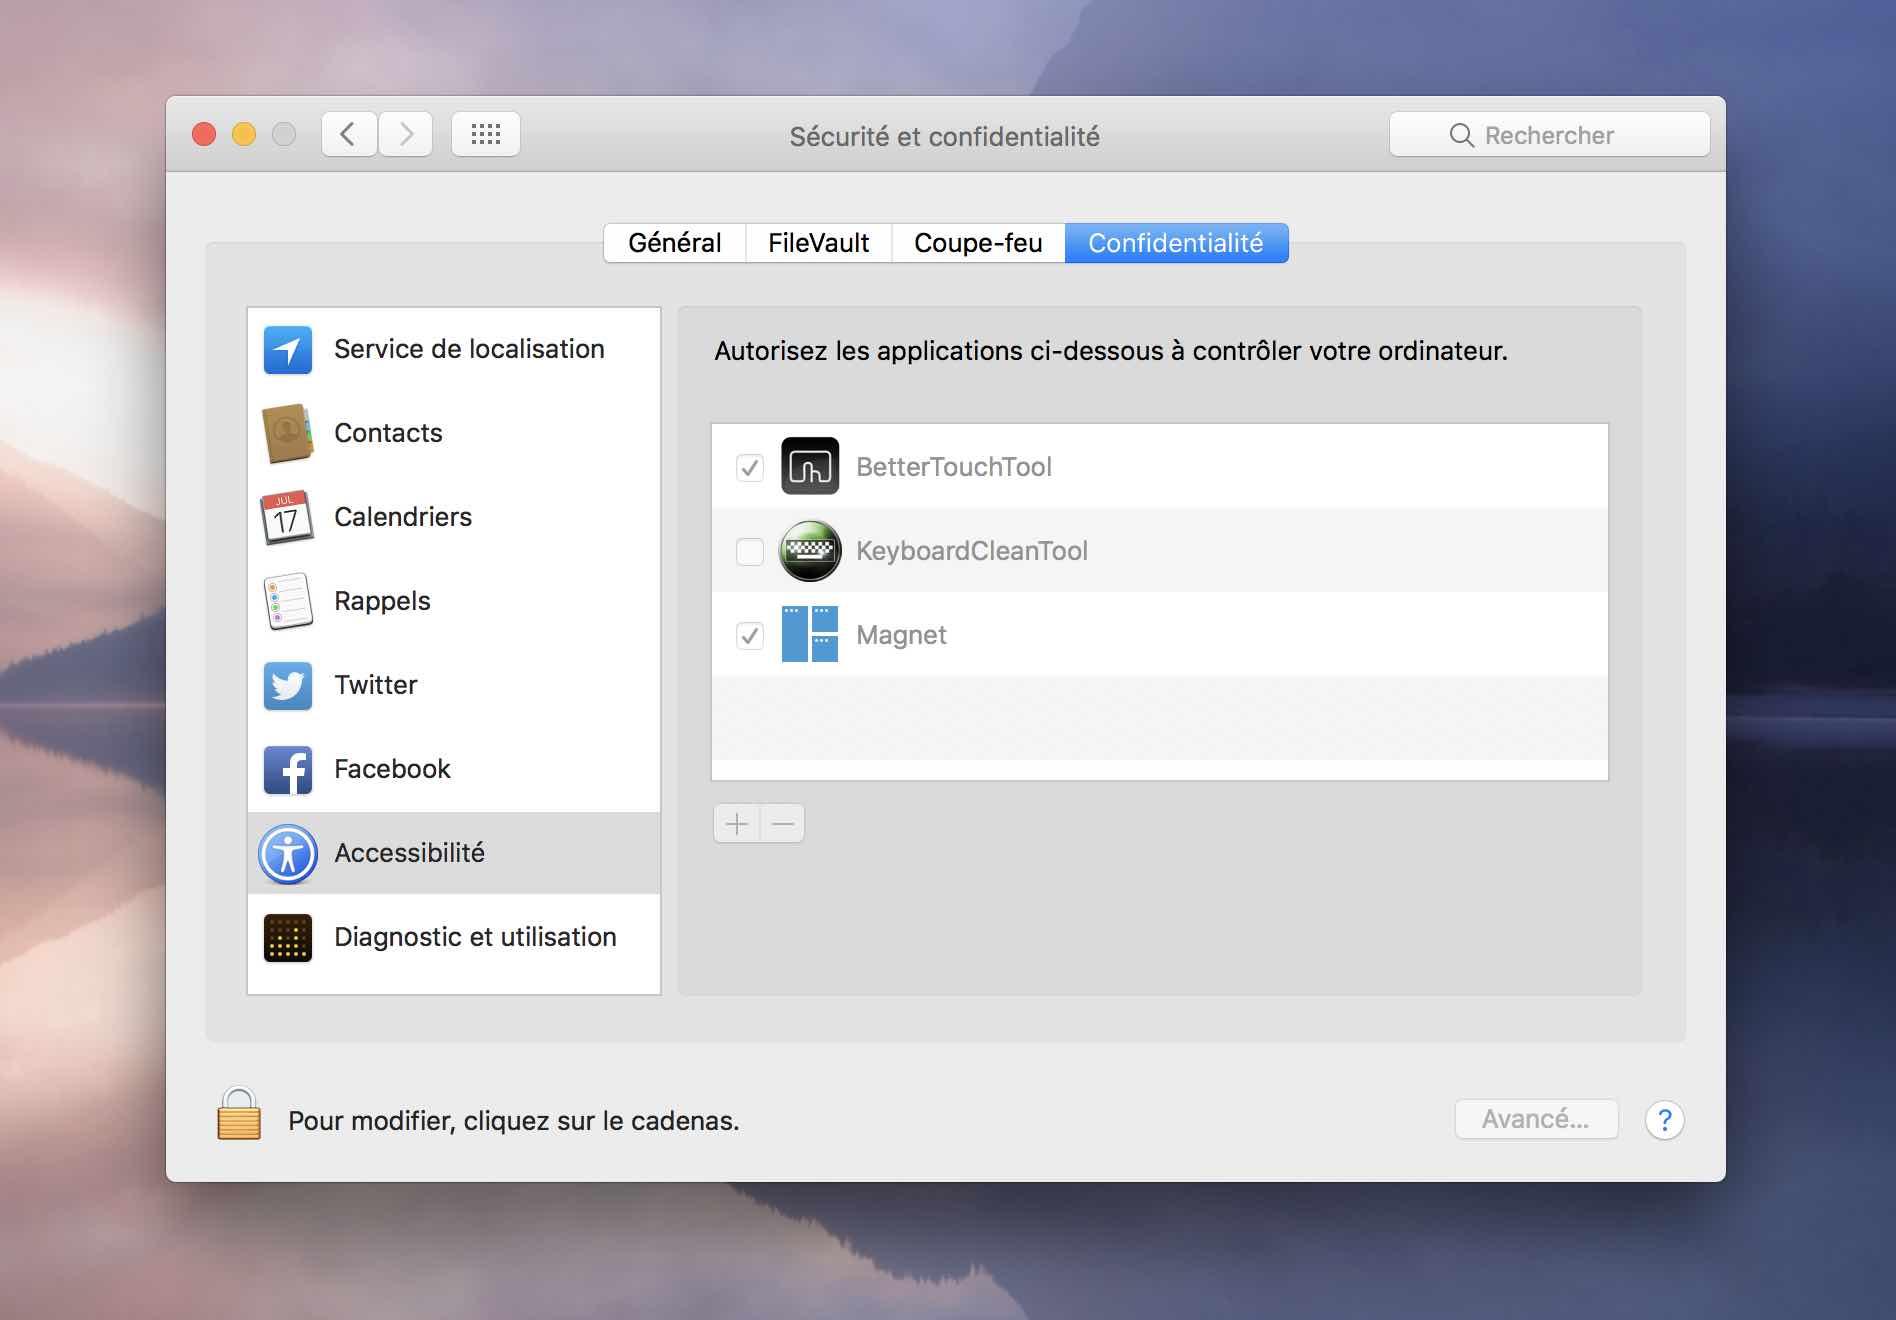 verrouiller clavier keyboardcleantool préférences accessibilité